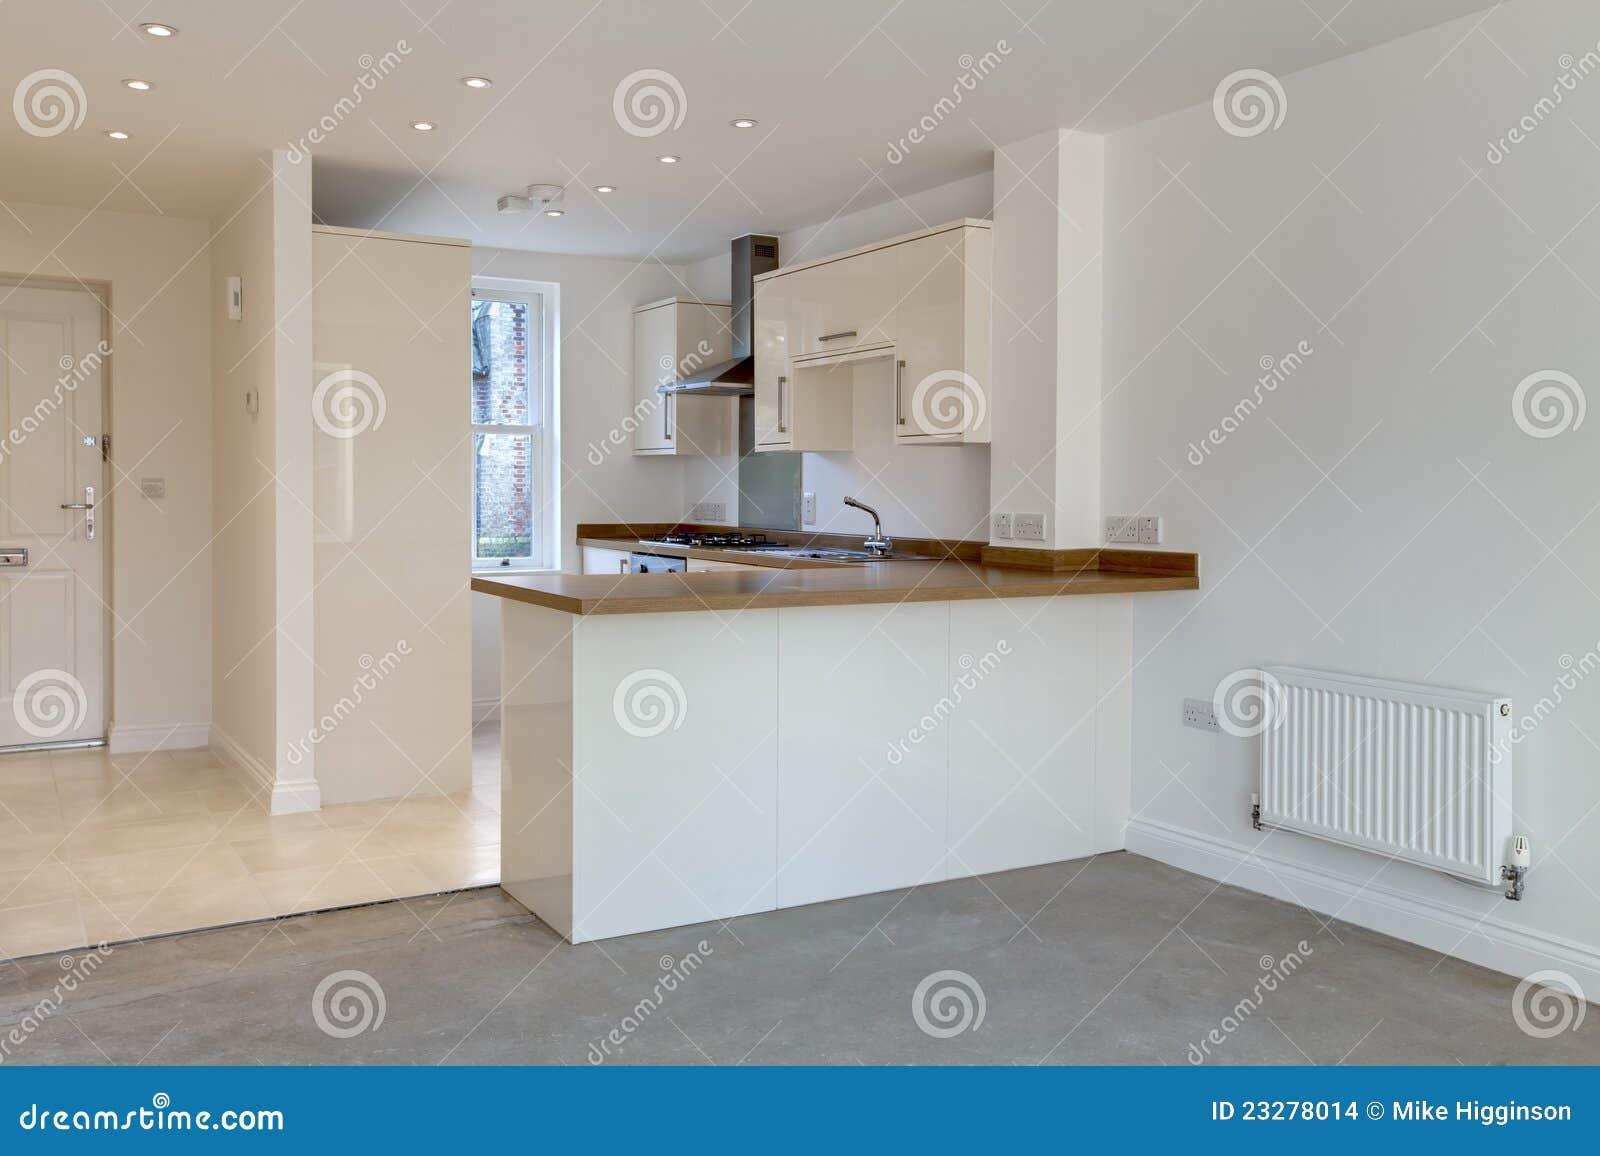 Cuisine ouverte moderne de plan images stock image 23278014 for Plans de cuisine ouverte